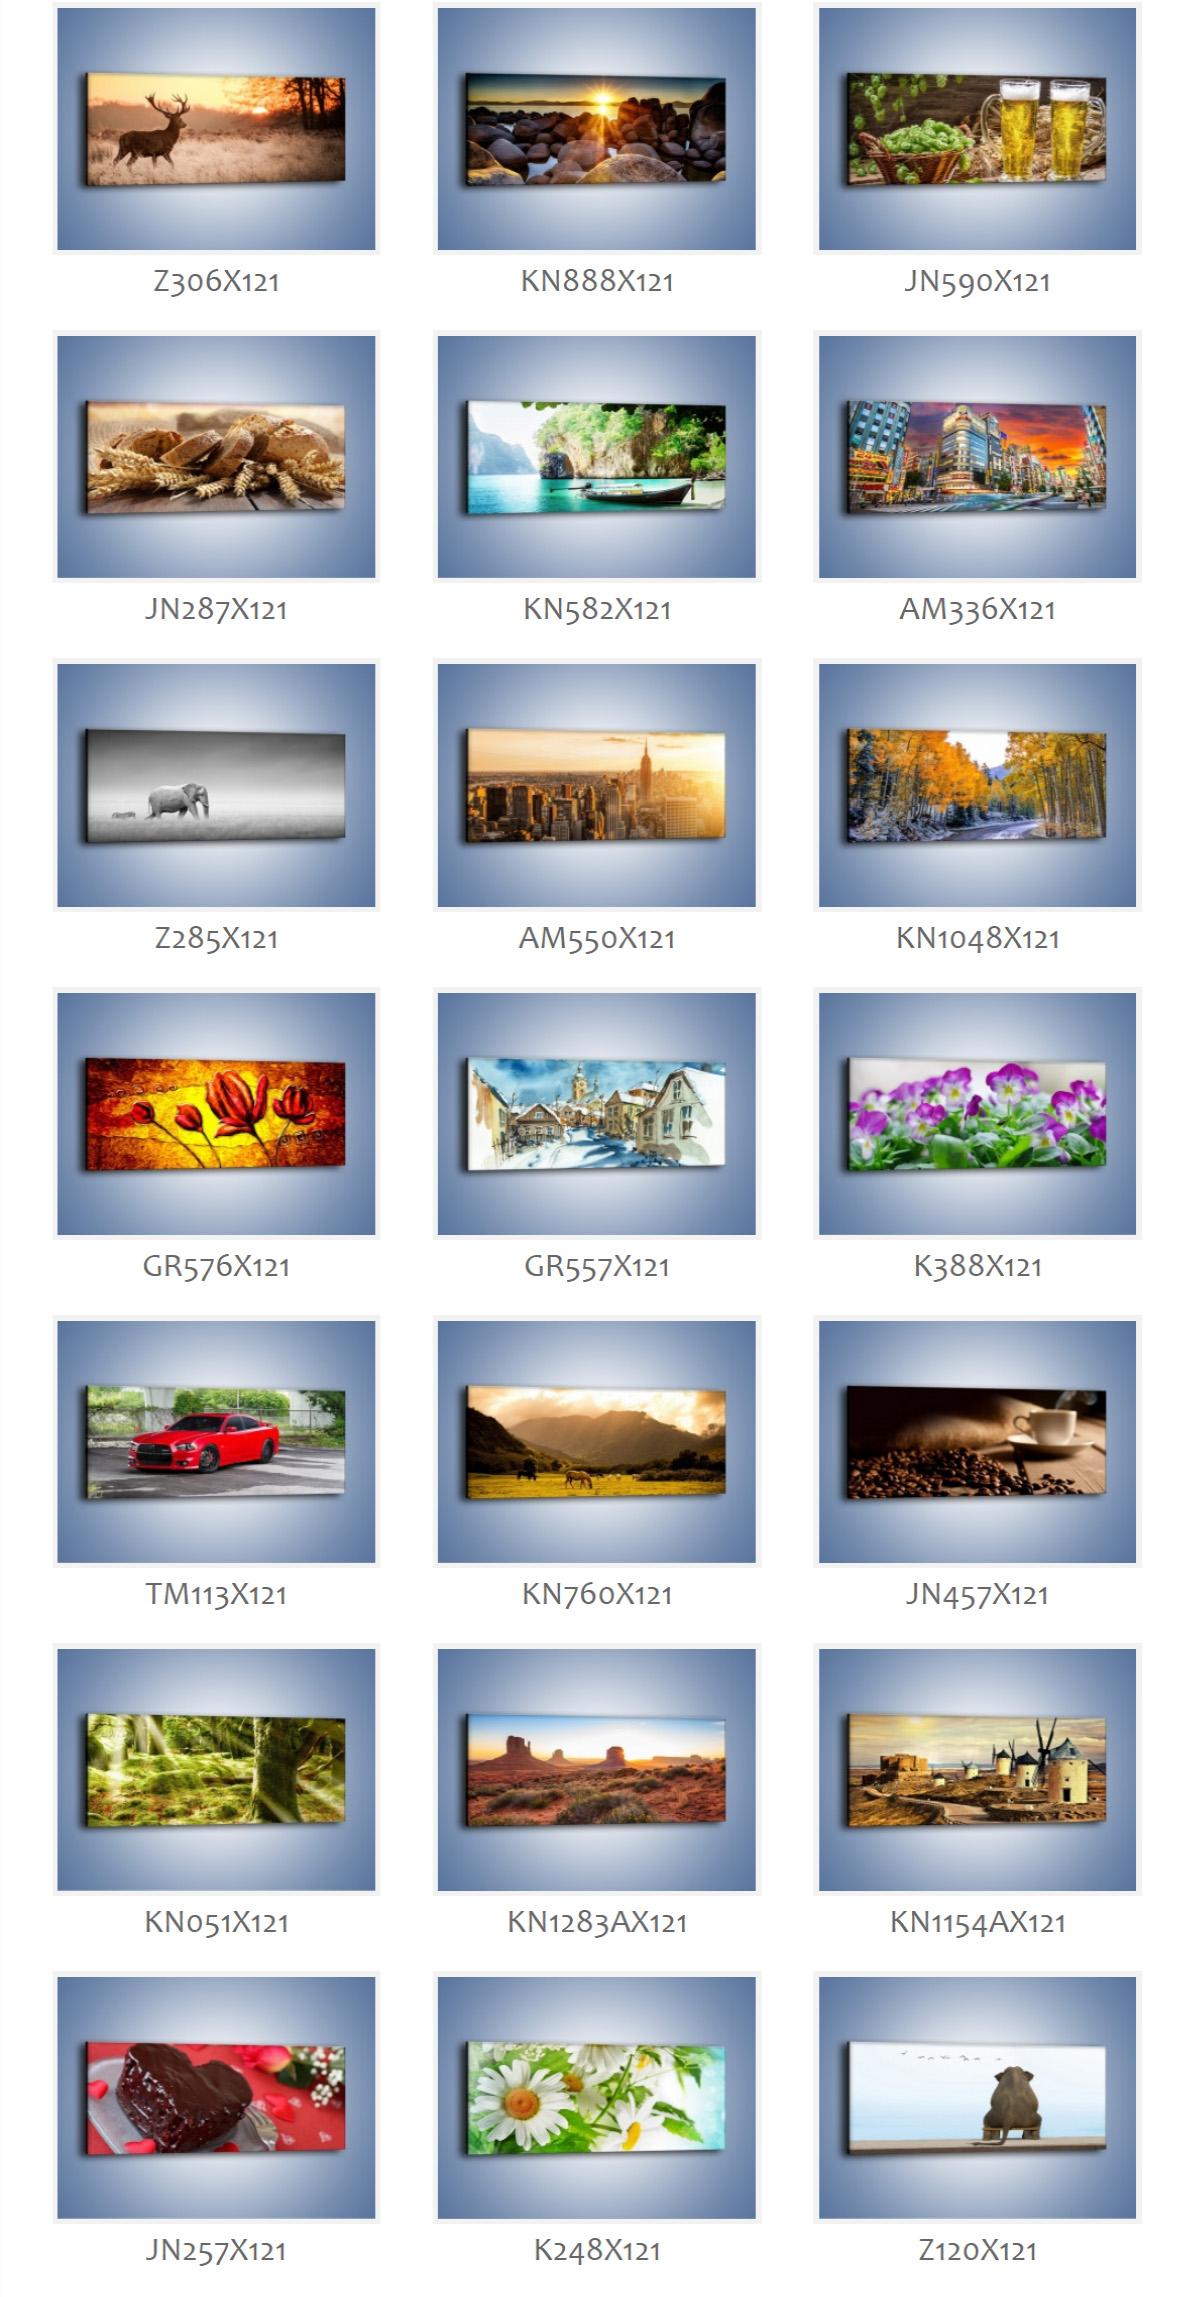 Obraz 180x80 4000 Wzorów Digitaldrukpl 7404618160 Oficjalne